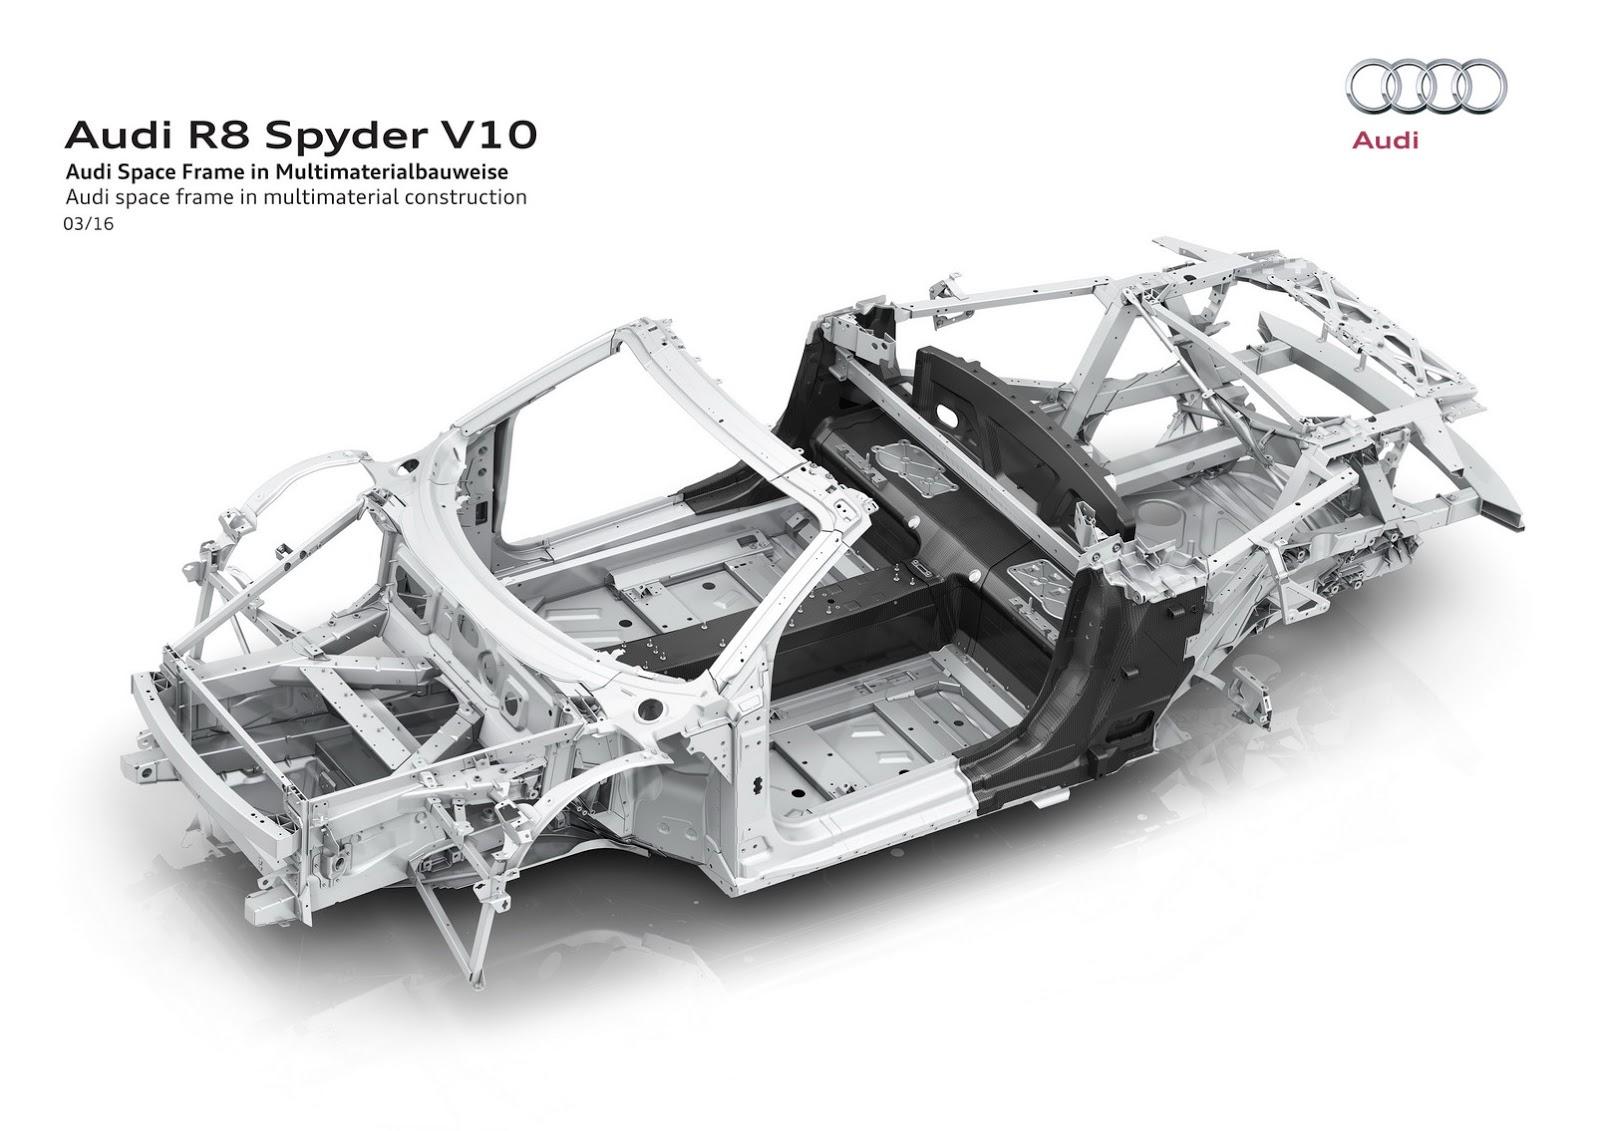 Siêu xe Audi R8 Spyder 2017 chính thức trình làng tại New York Auto Show